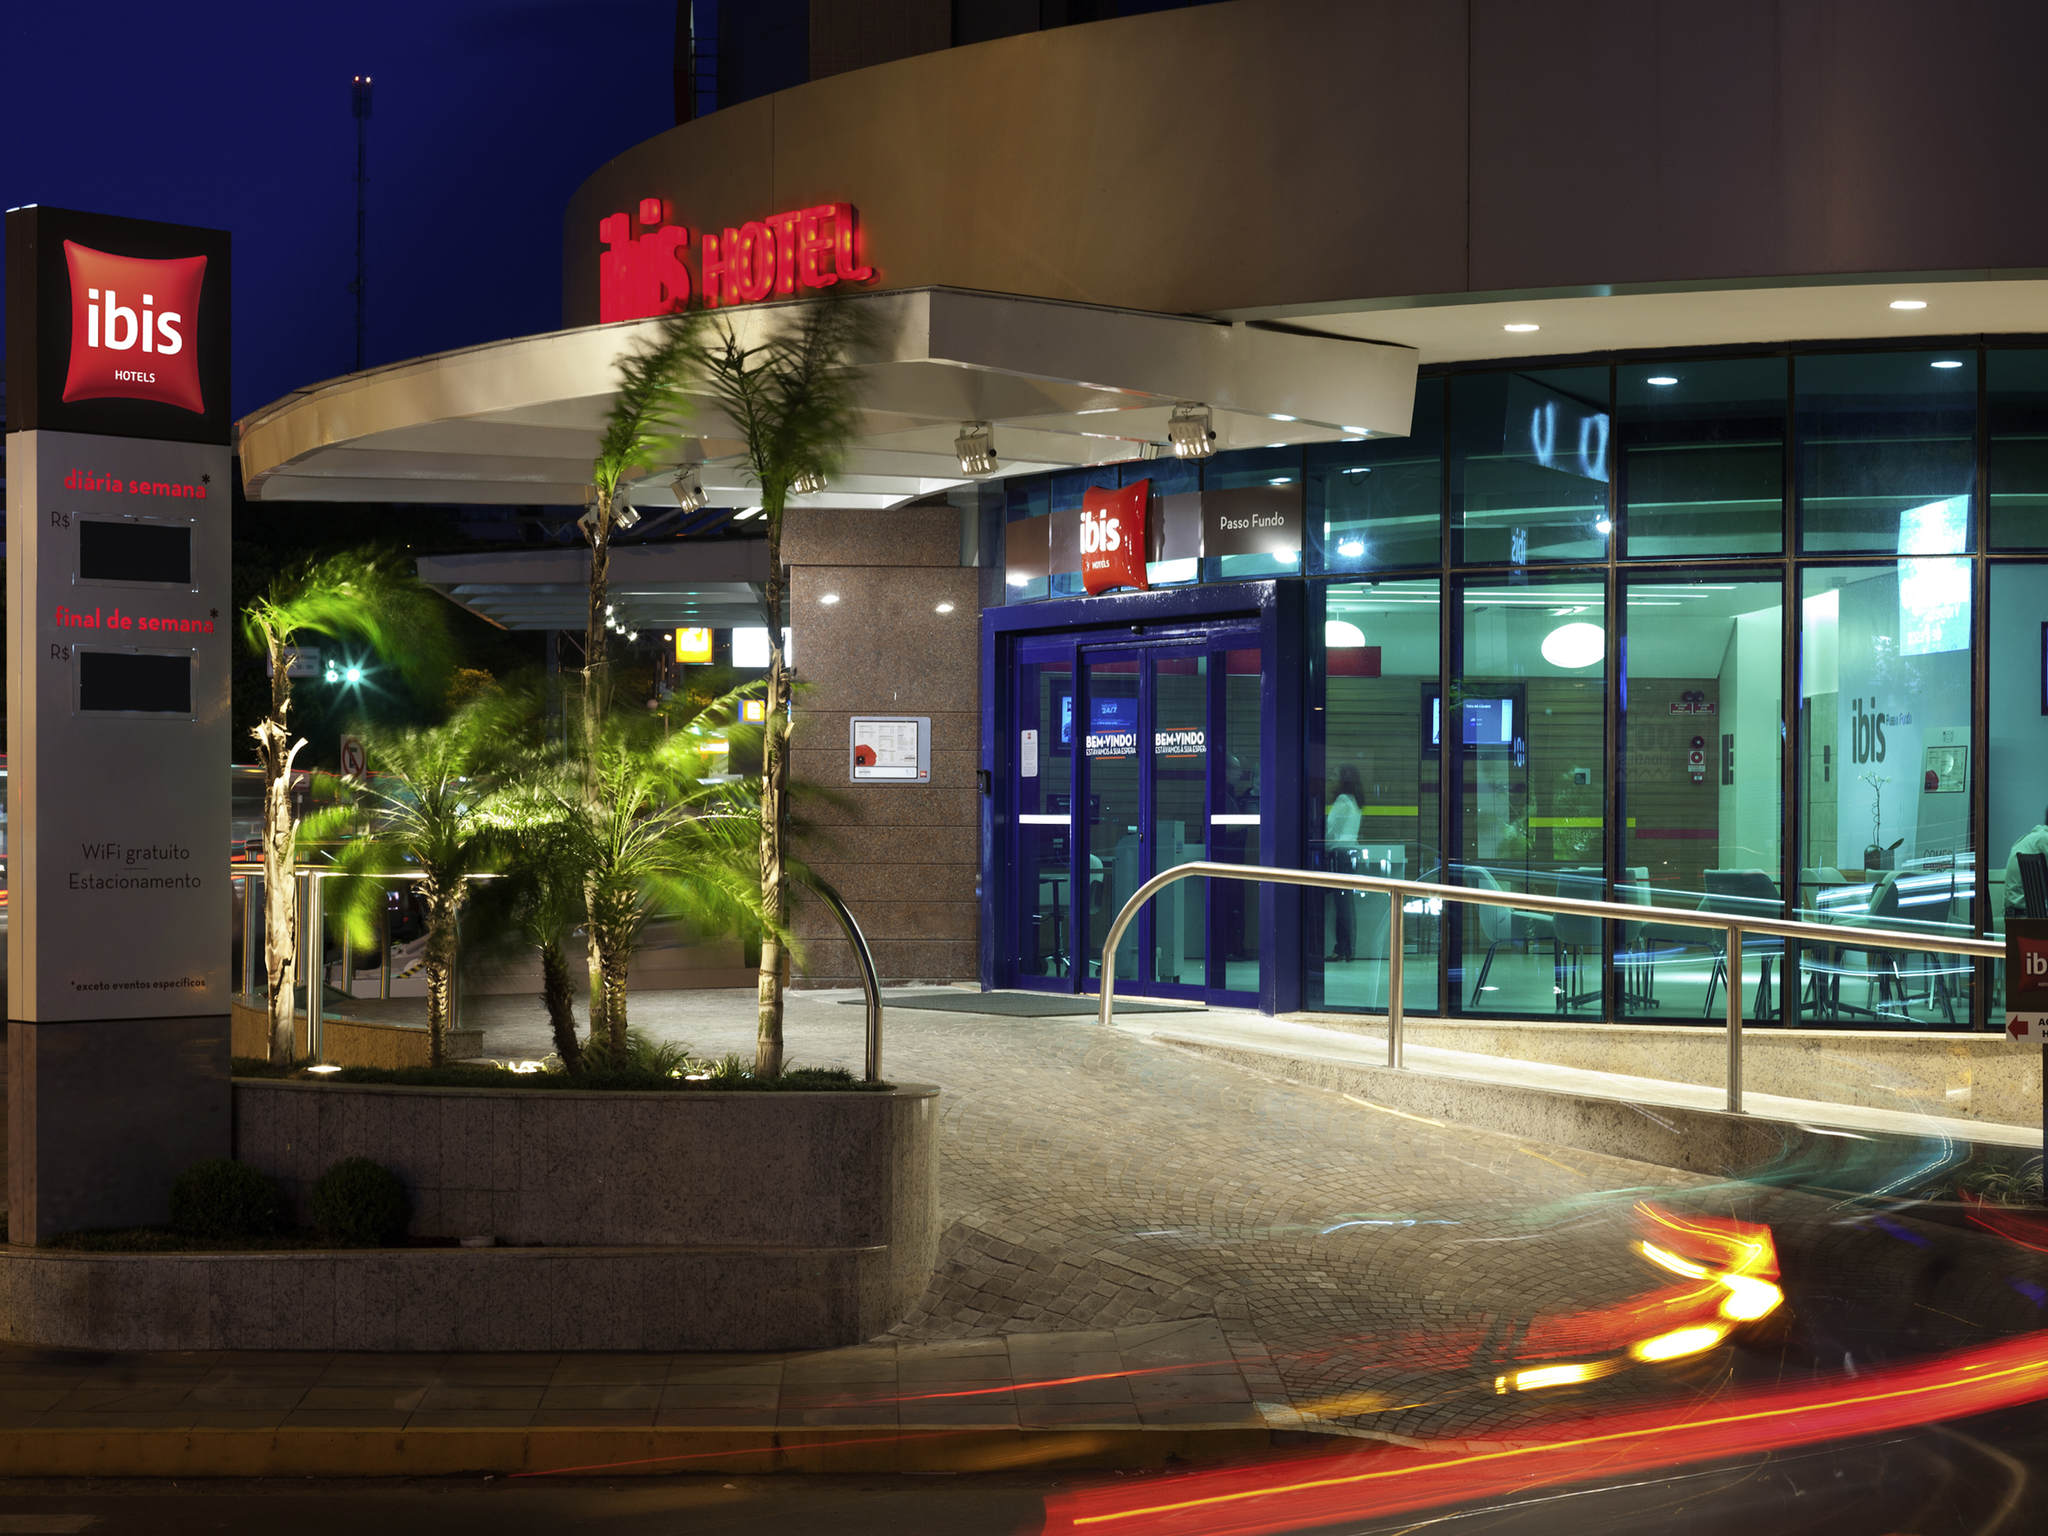 فندق - ibis Passo Fundo Shopping